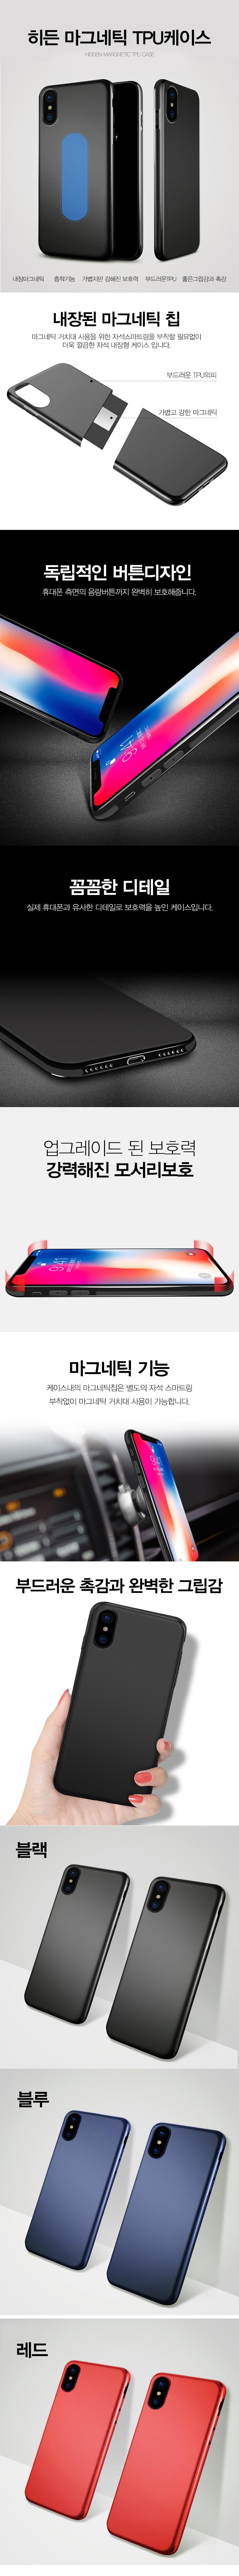 히든 마그네틱 케이스 자석 거치대 아이폰 11 프로 맥스 X XS XR 6S 7 8 플러스 - 비오비, 7,900원, 케이스, 아이폰X